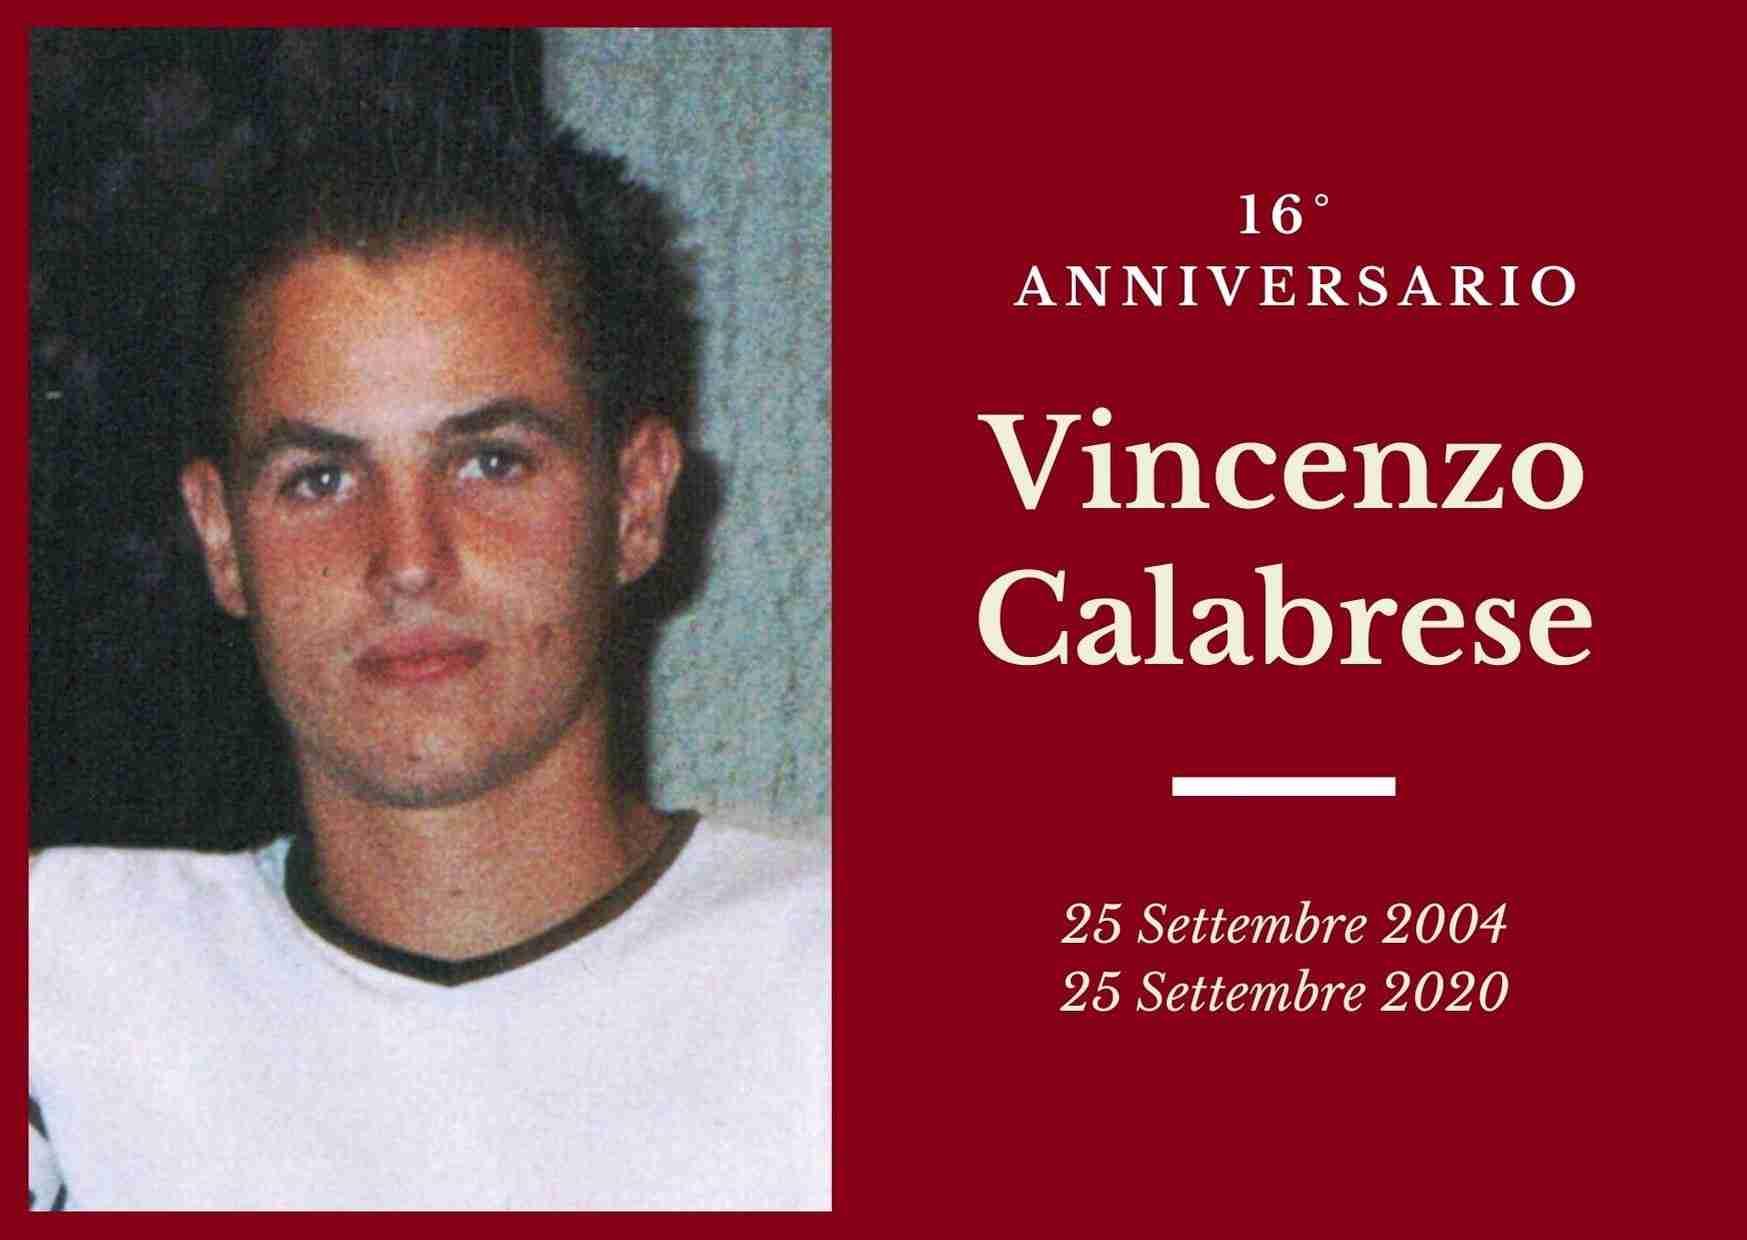 Necrologio: ricorre oggi il 16° Anniversario di Vincenzo Calabrese